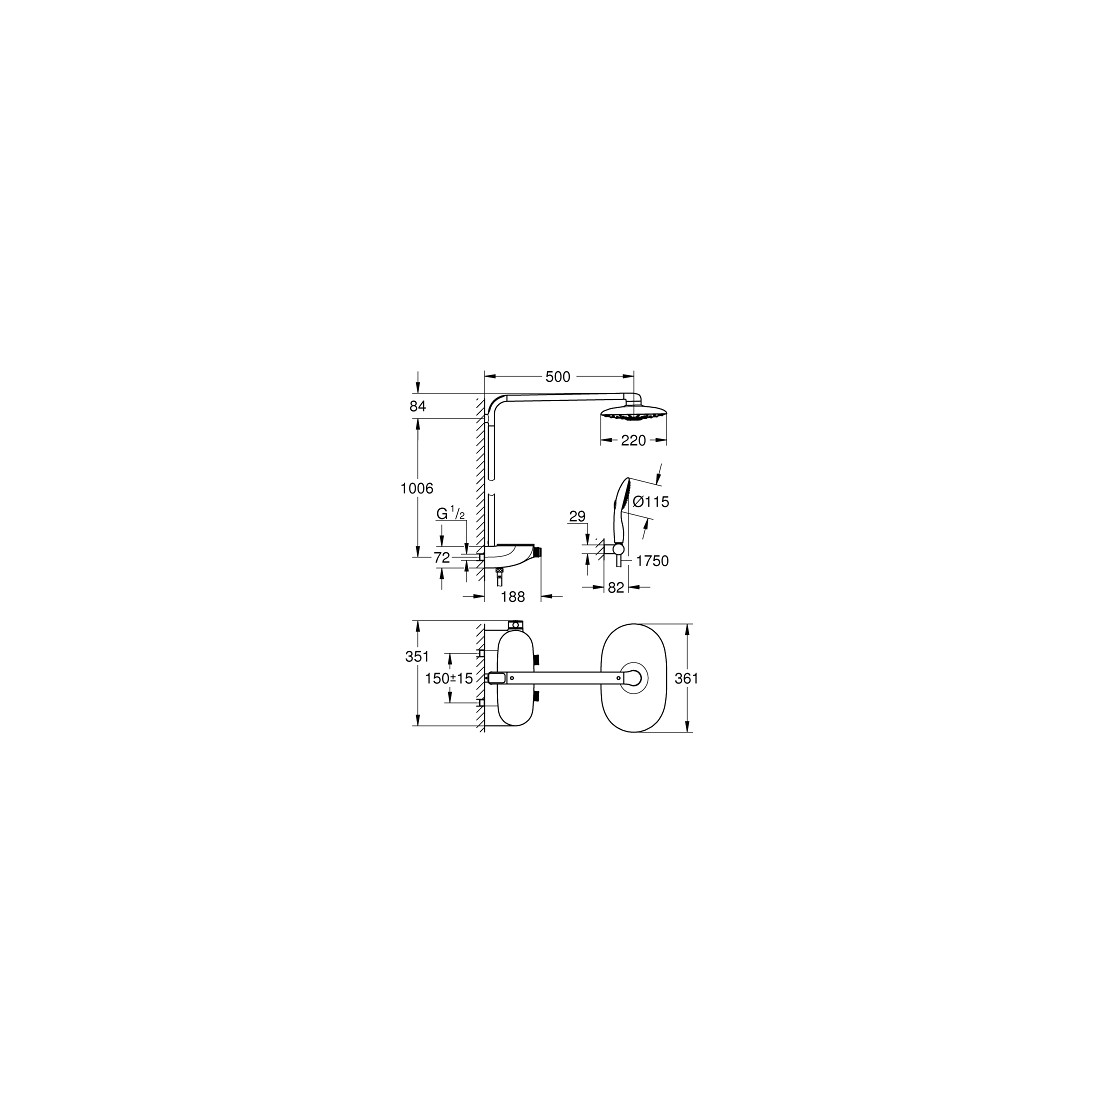 Termostatinė dušo sistema Rainshower® System SmartControl 360 DUO, balta spalva